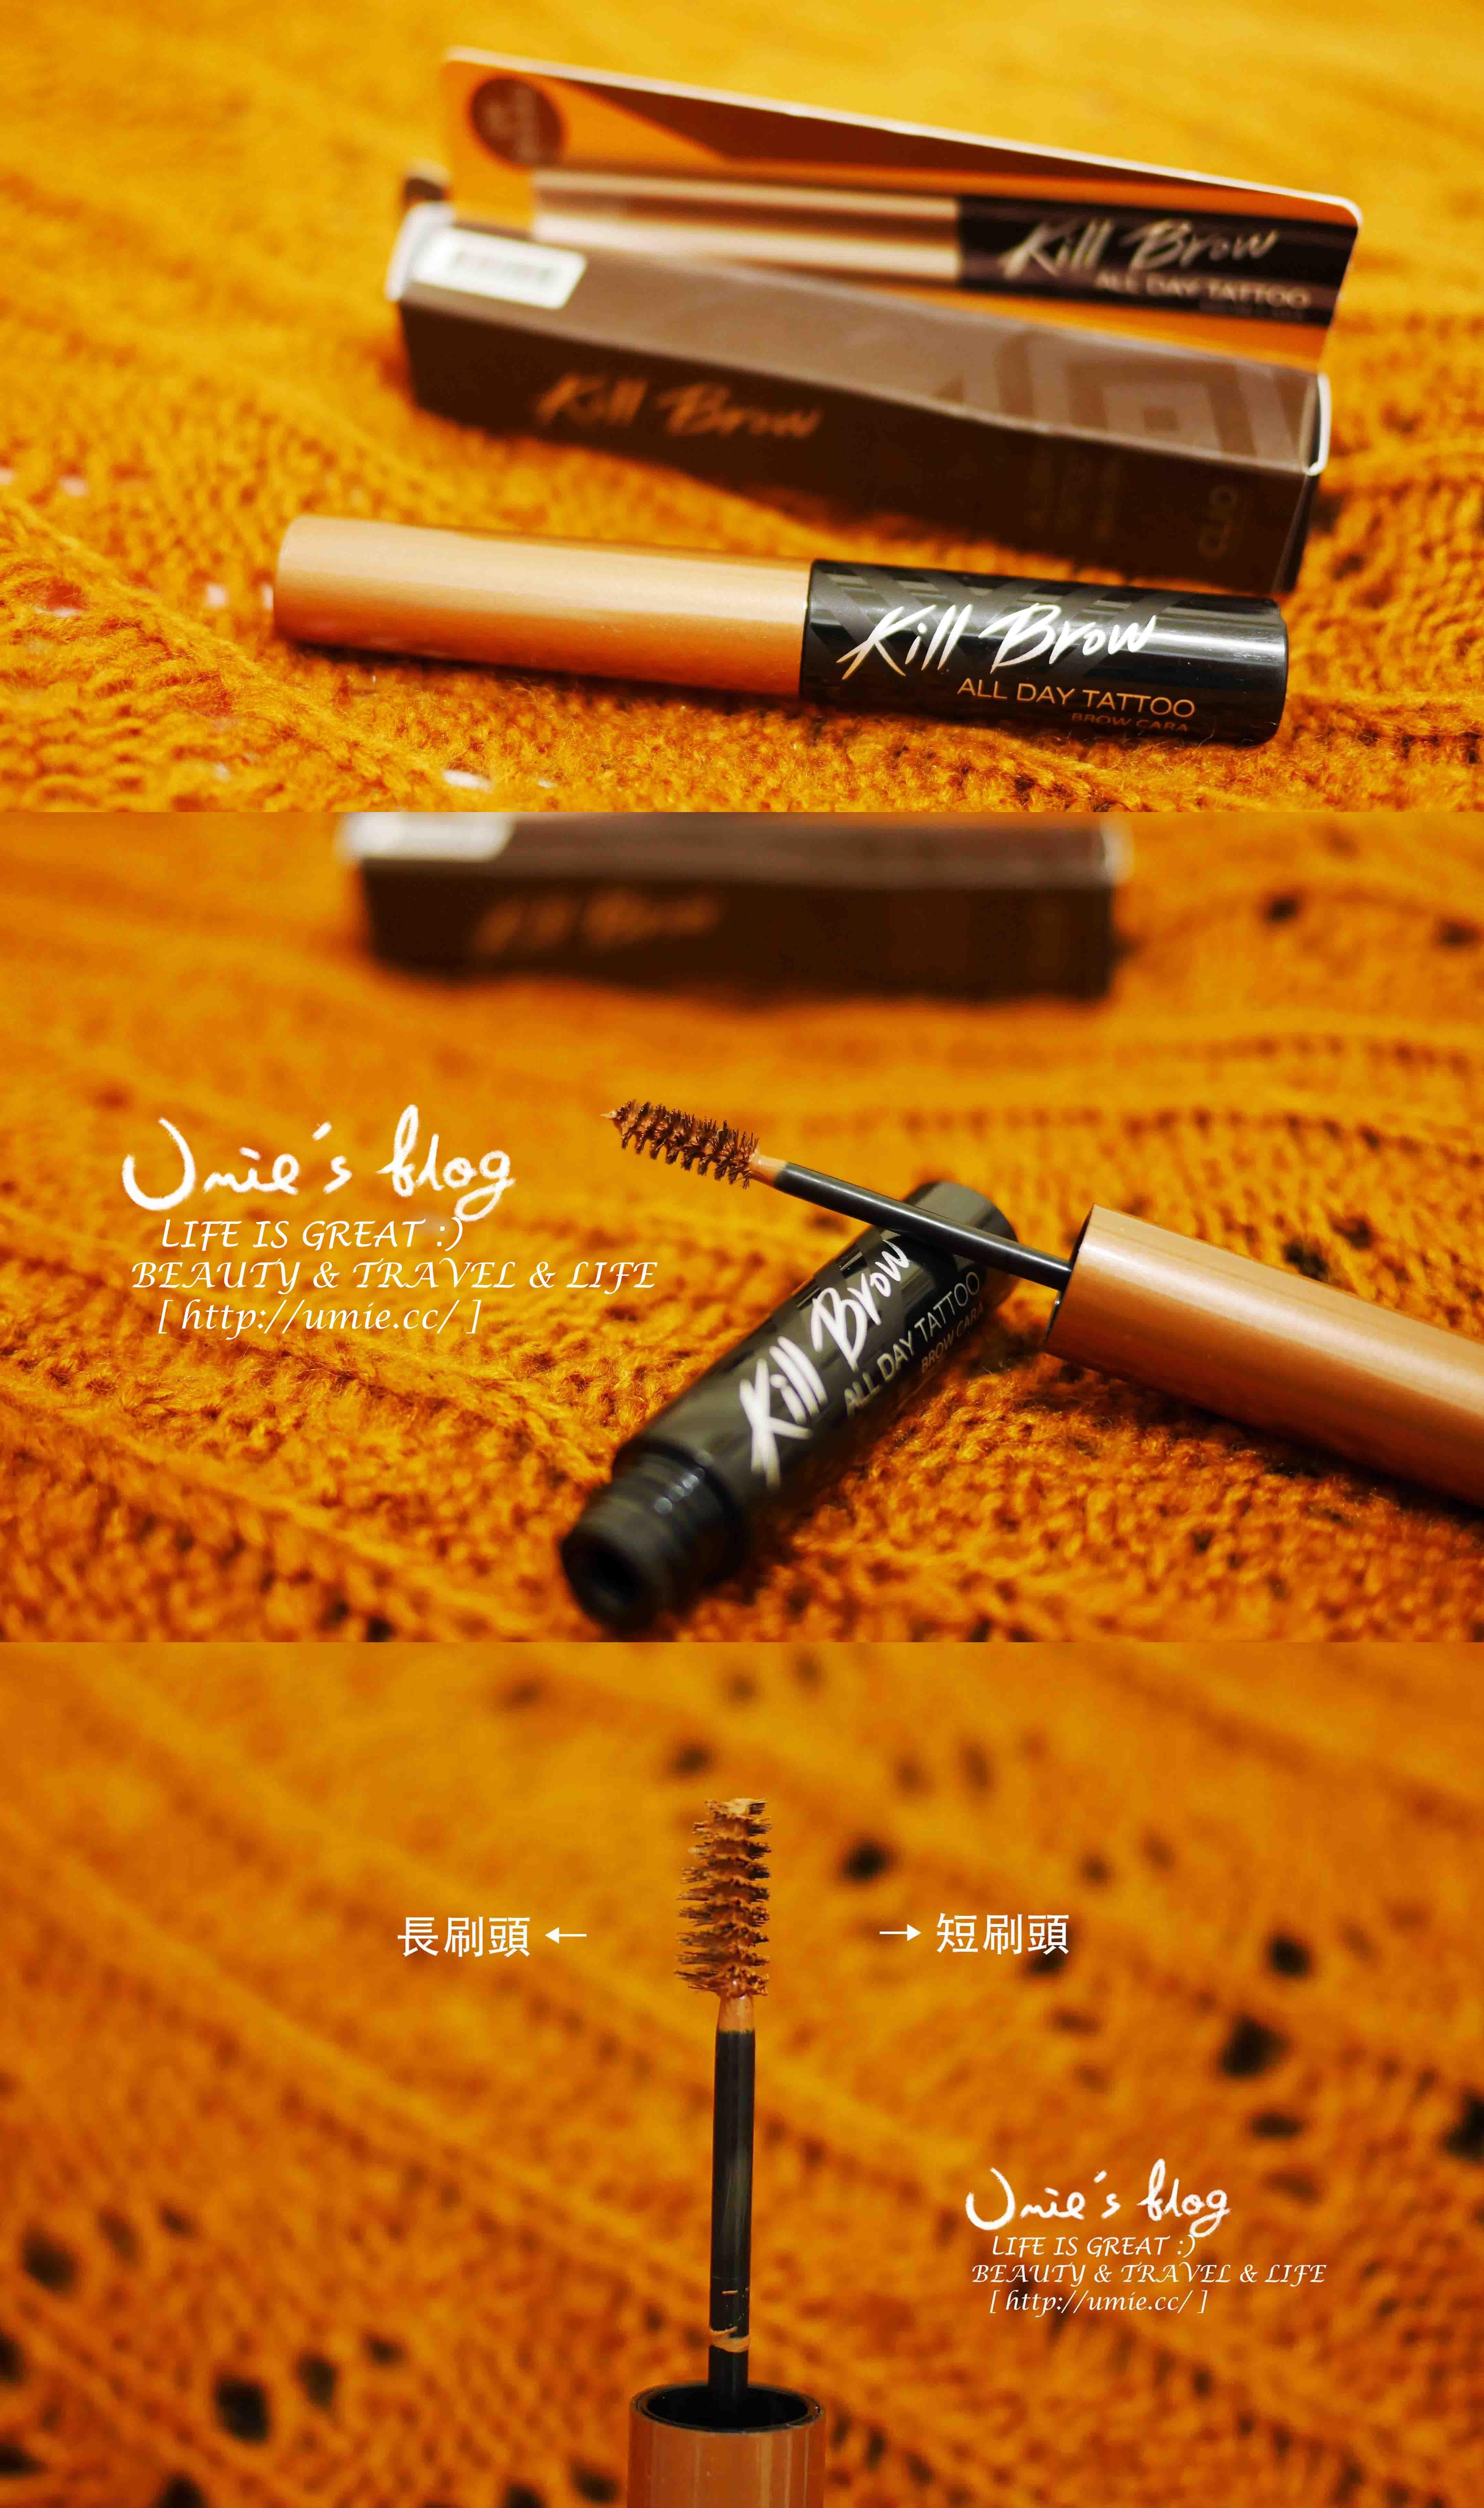 小三美日|CLIO 孔孝貞代言!春天感的唇膏新色來了(同場加映好感妝容教學!)